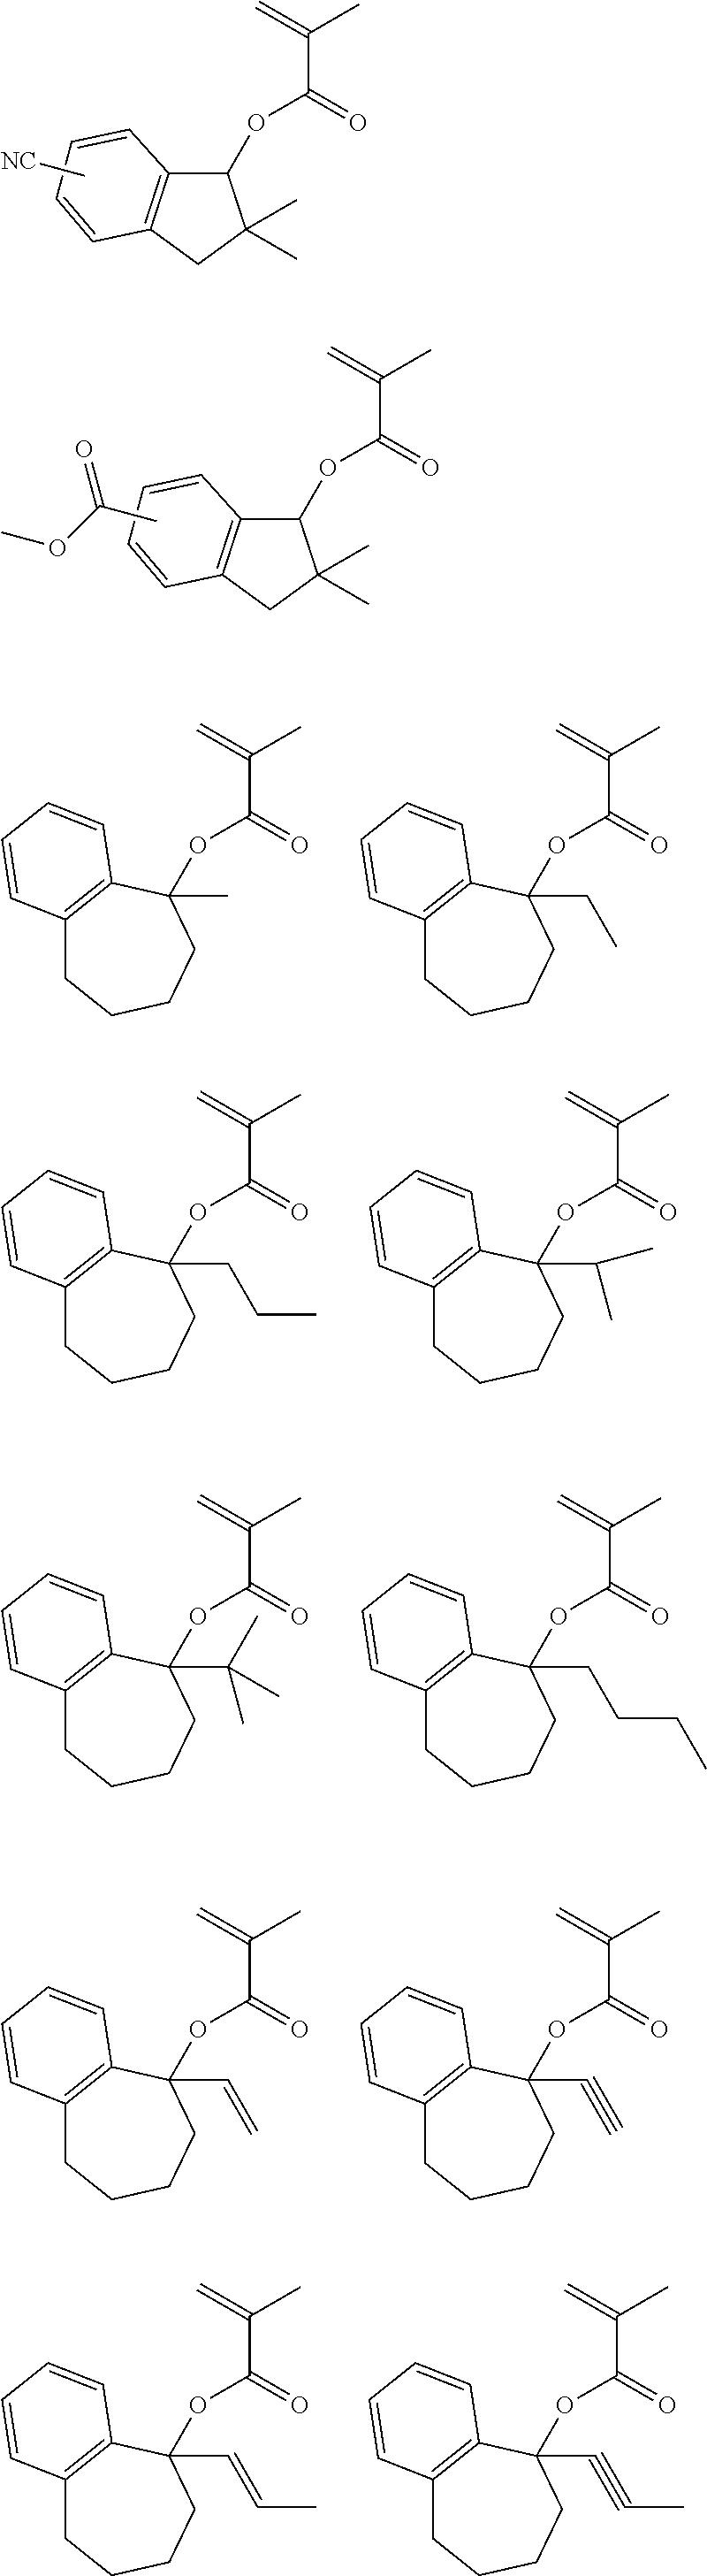 Figure US09040223-20150526-C00099